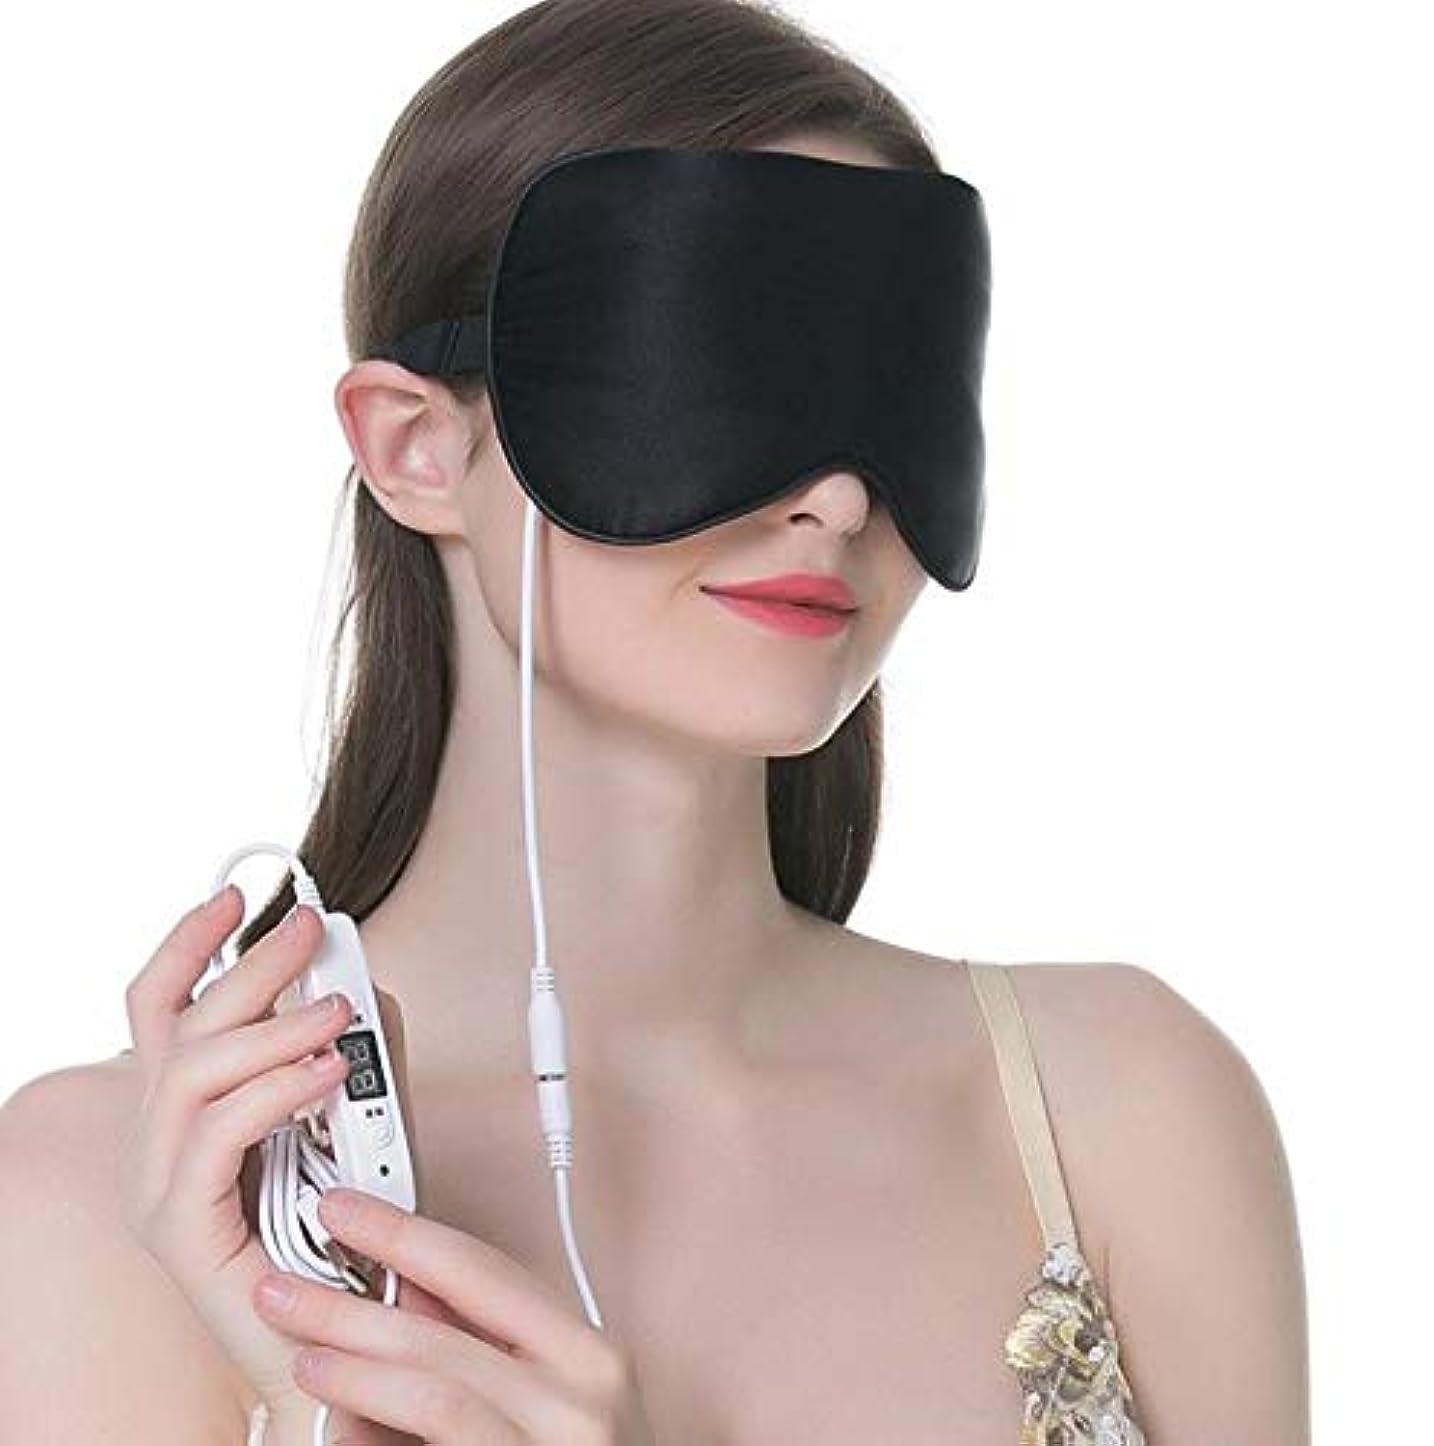 スリップシューズタブレット驚くばかりNOTE HANRIVER 2018新しいスタイルのホット販売高品質の製品100%純粋なシルクusbシルクスチームアイマスク睡眠加熱アイマスク